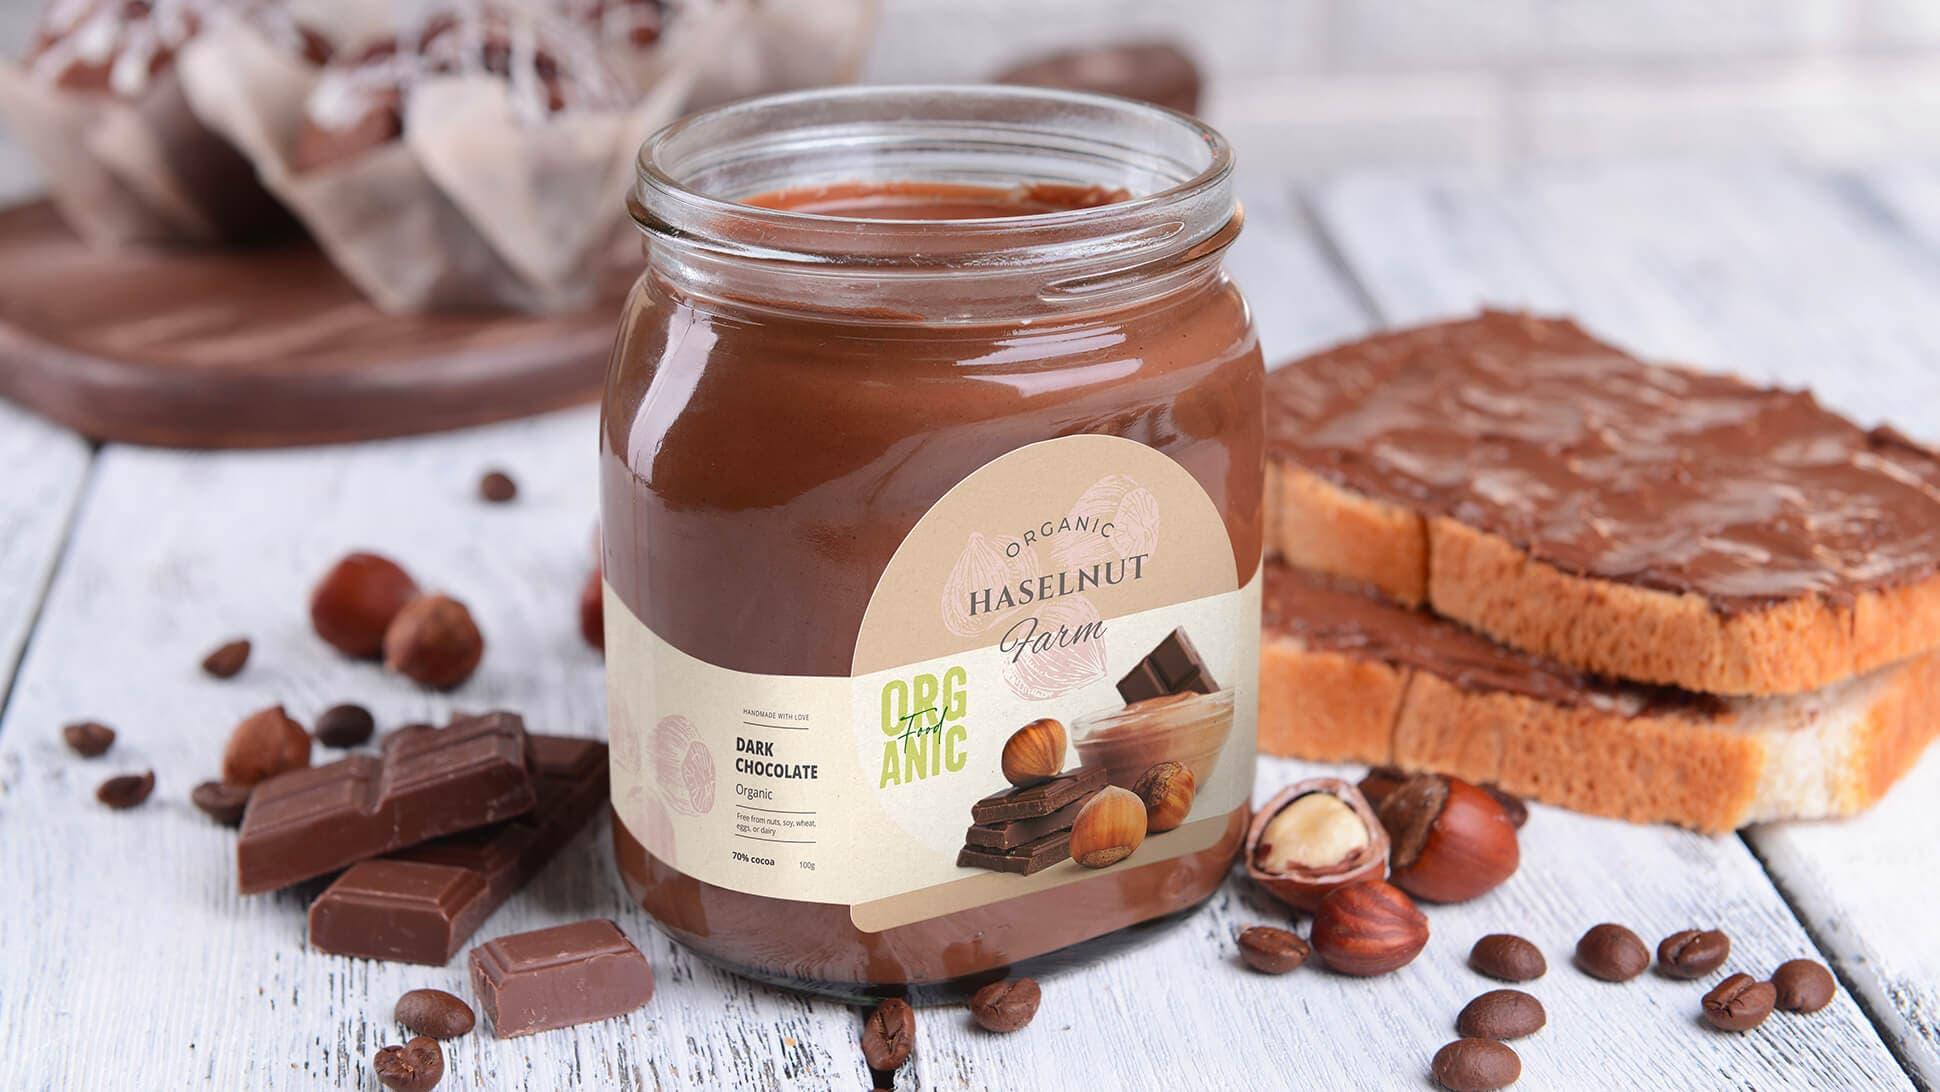 Etichette per vasetti di nocciolata e cioccolata | tictac.it